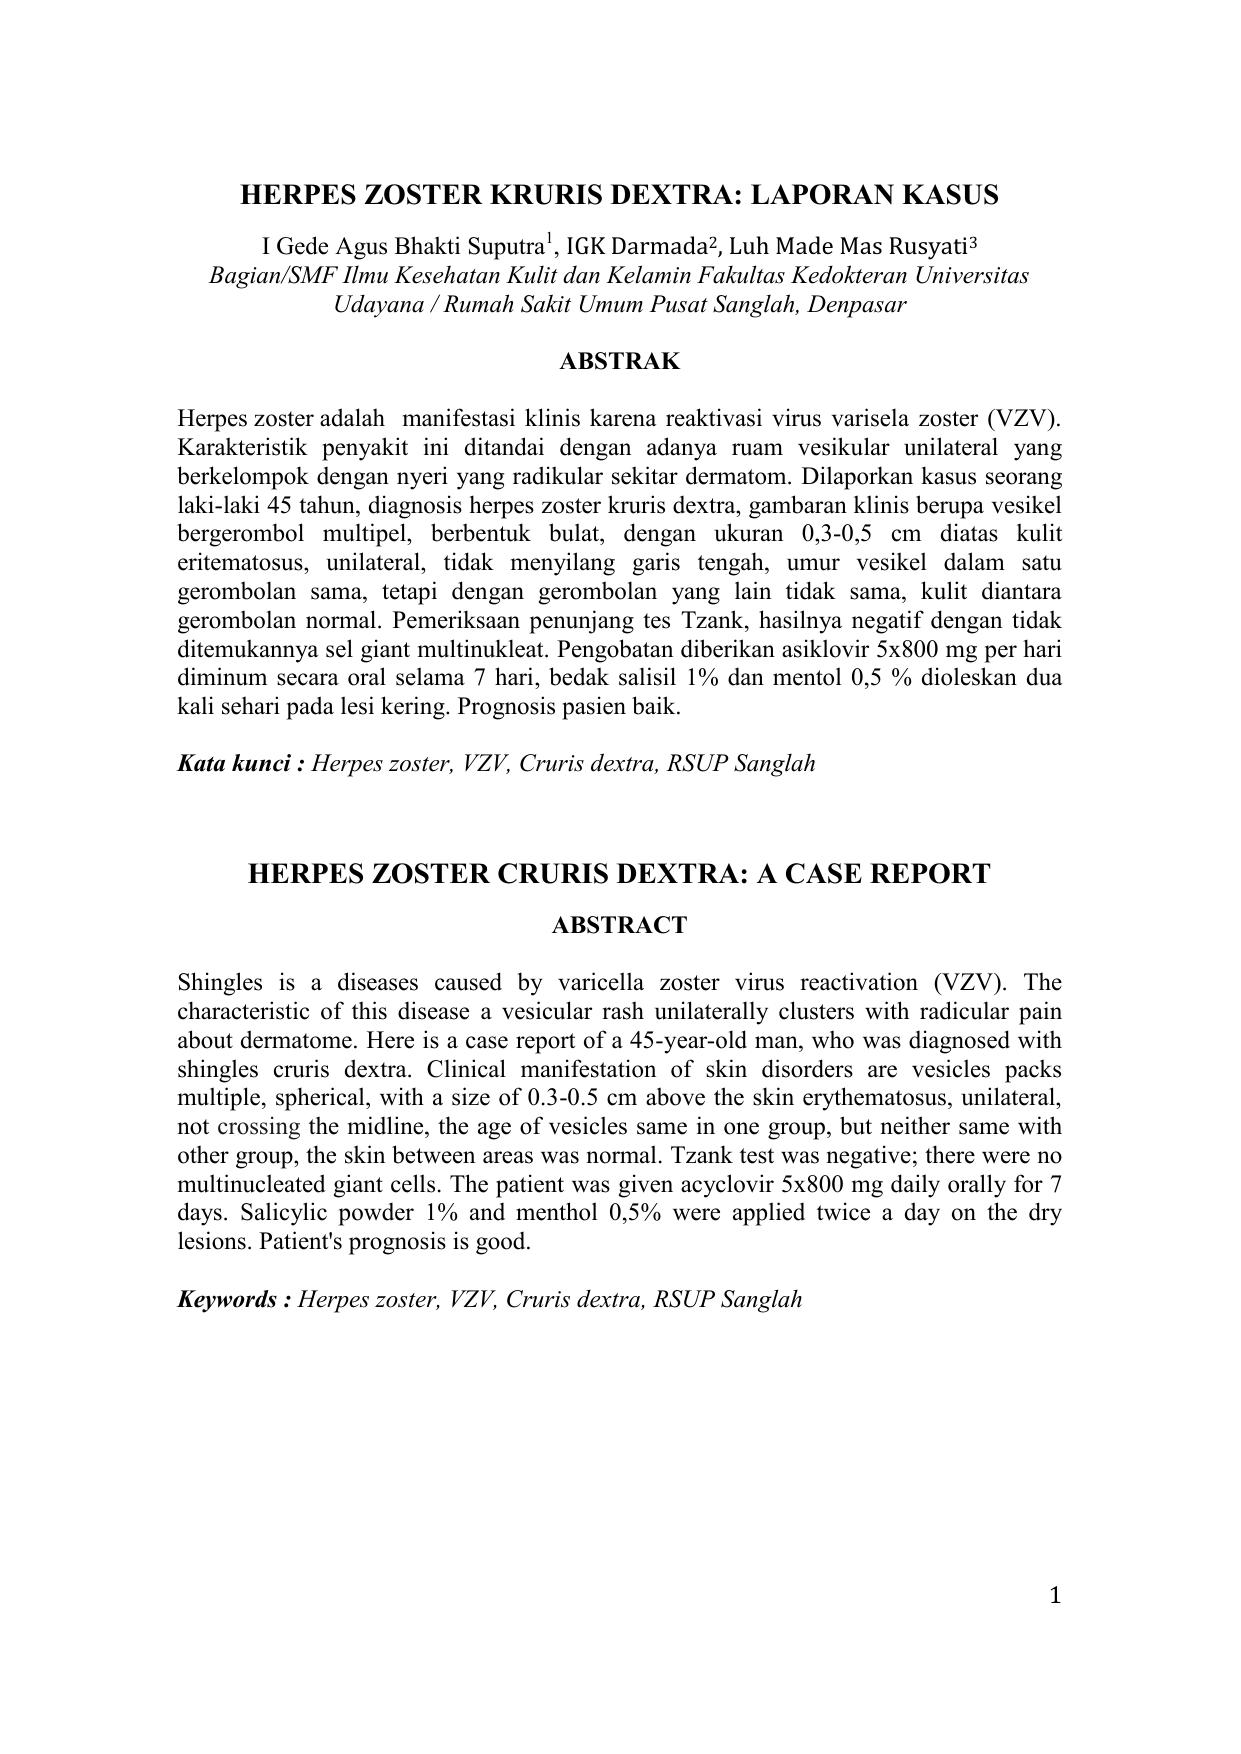 Herpes Zoster Kruris Dextra Laporan Kasus Herpes